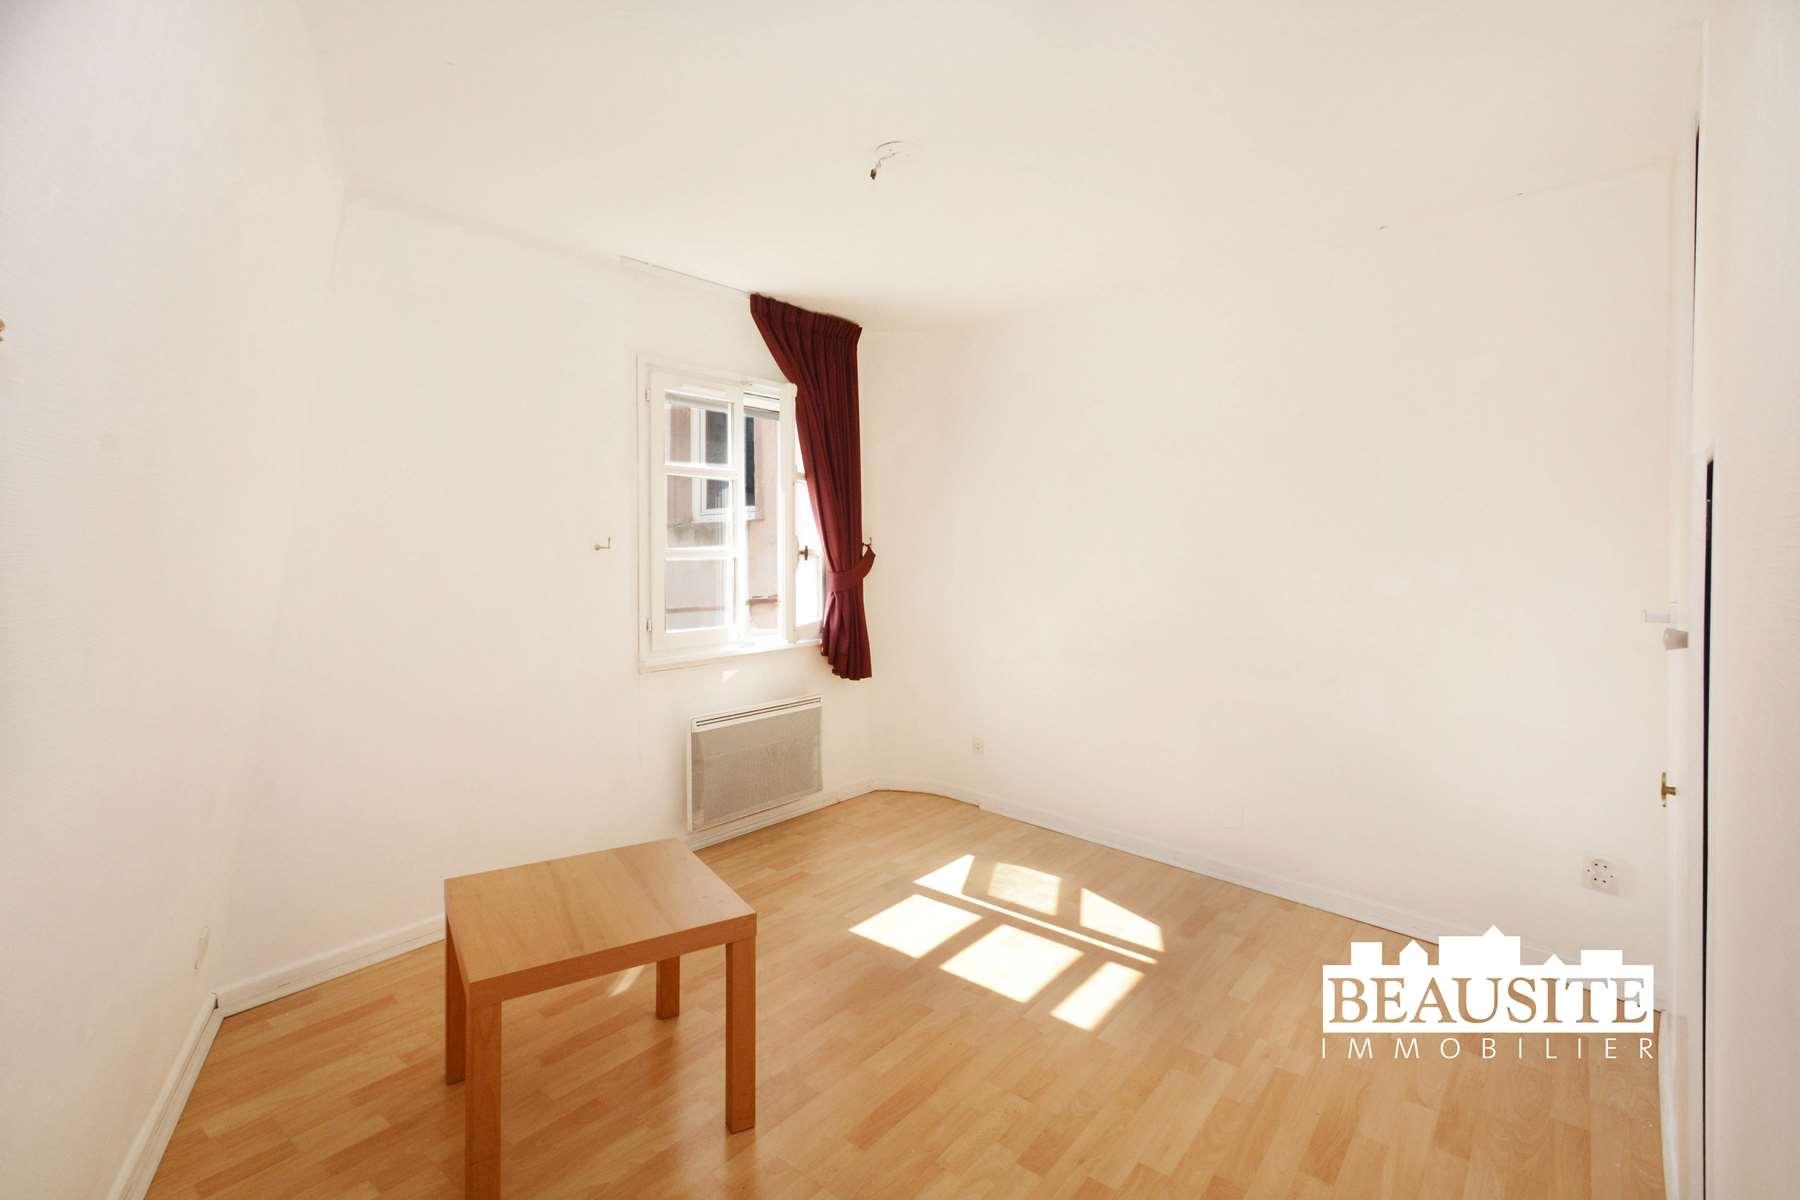 [Gold] Un appartement lumineux avec vue sur la Cathédrale - Strasbourg Centre - nos ventes - Beausite Immobilier 8